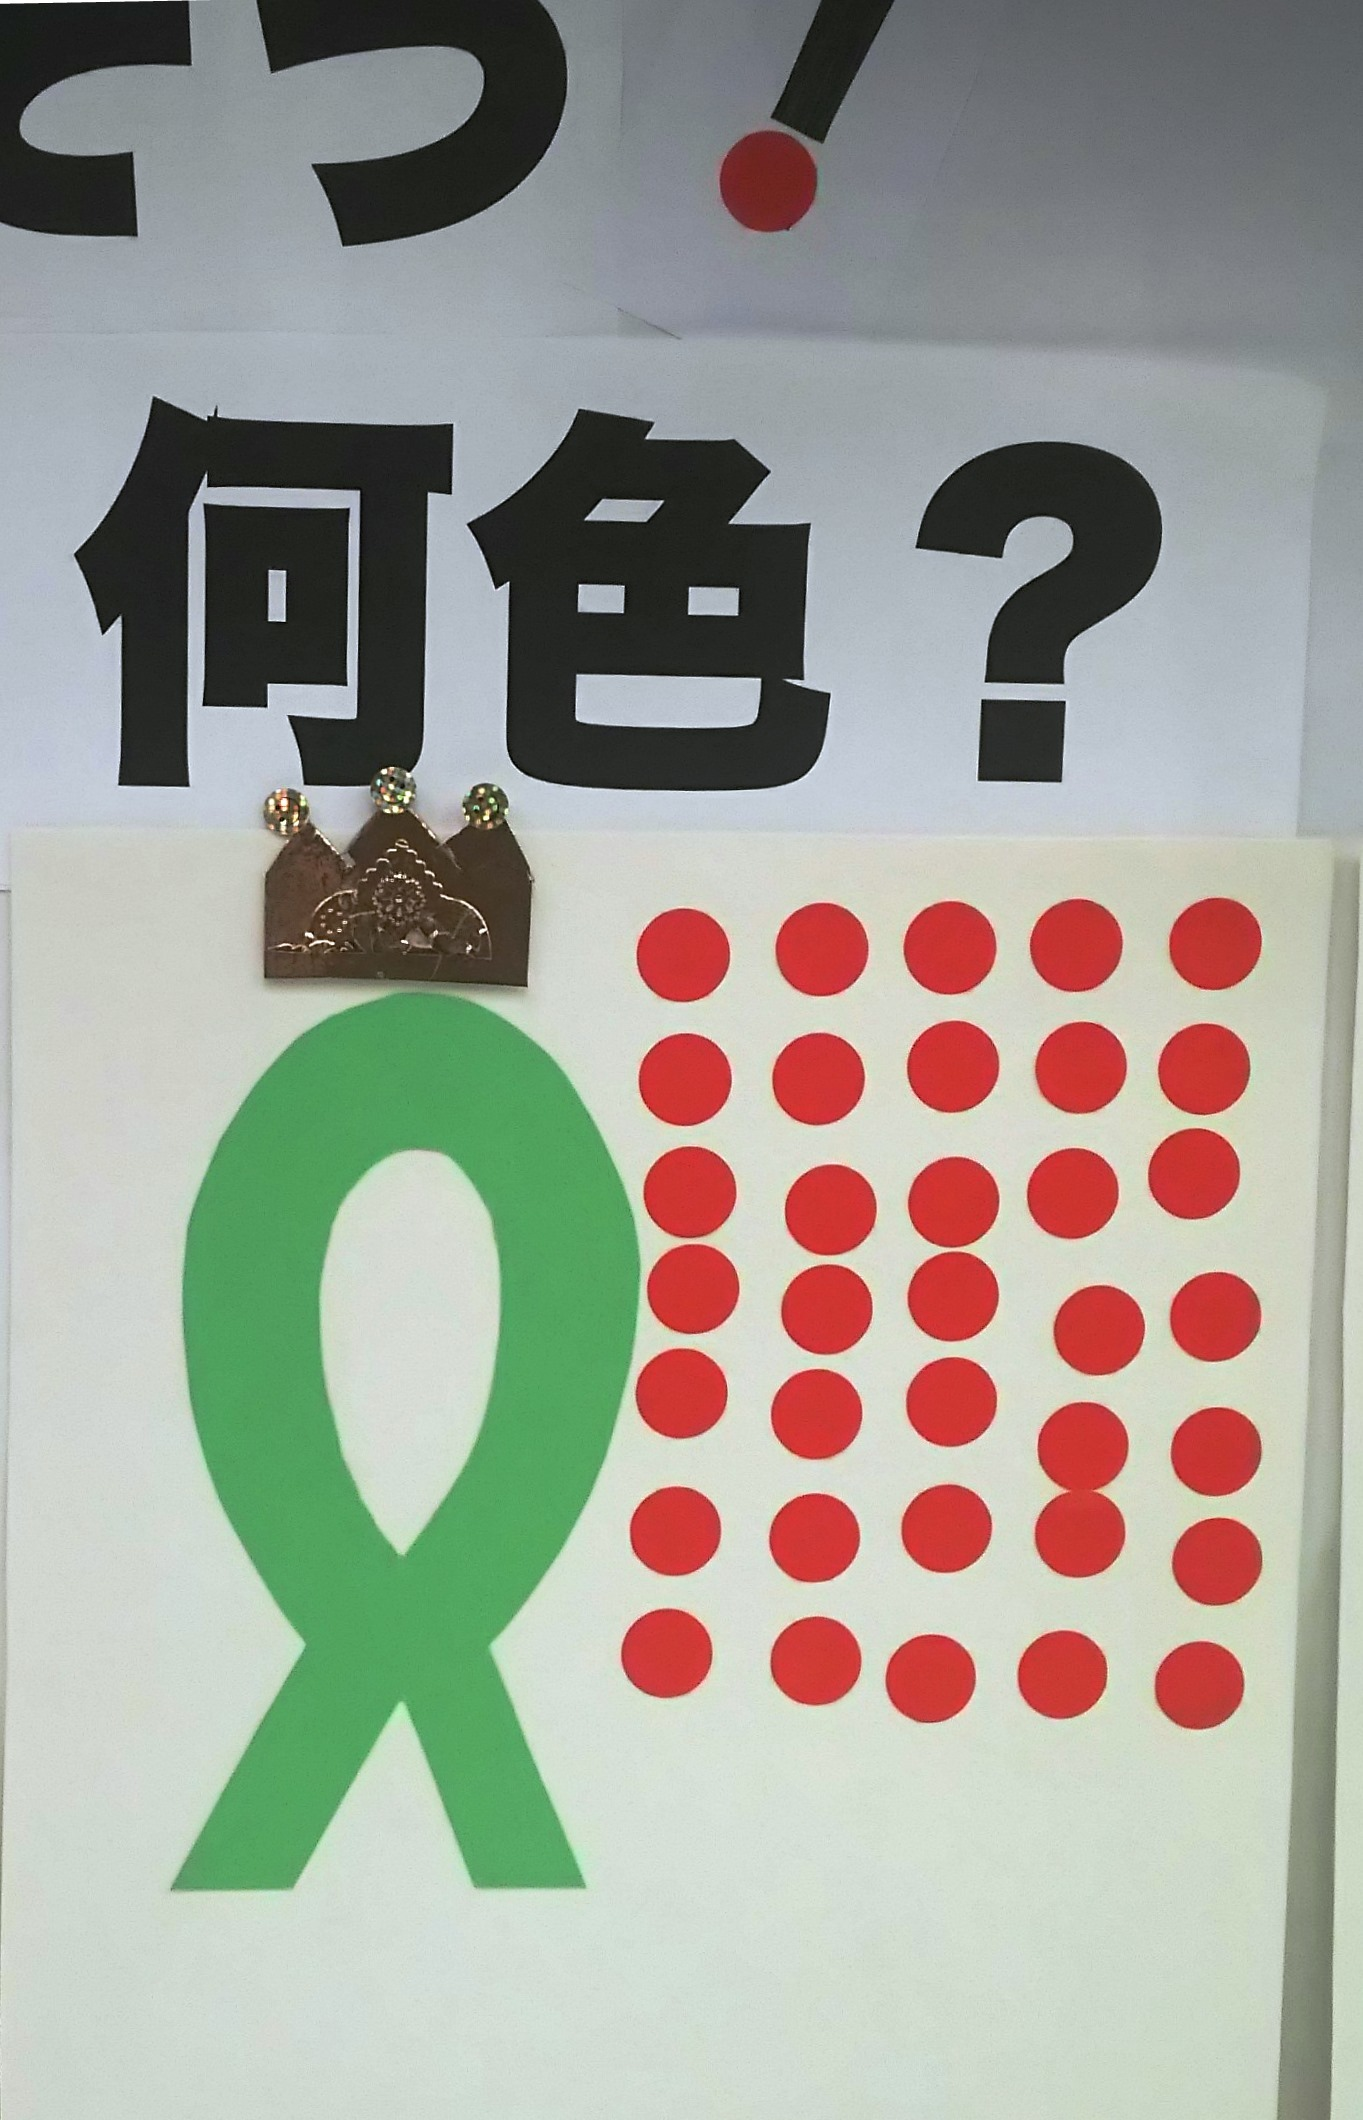 豊島区社会貢献活動見本市 青い空「とN協B賞」をいただきました。_d0204305_20054914.jpg